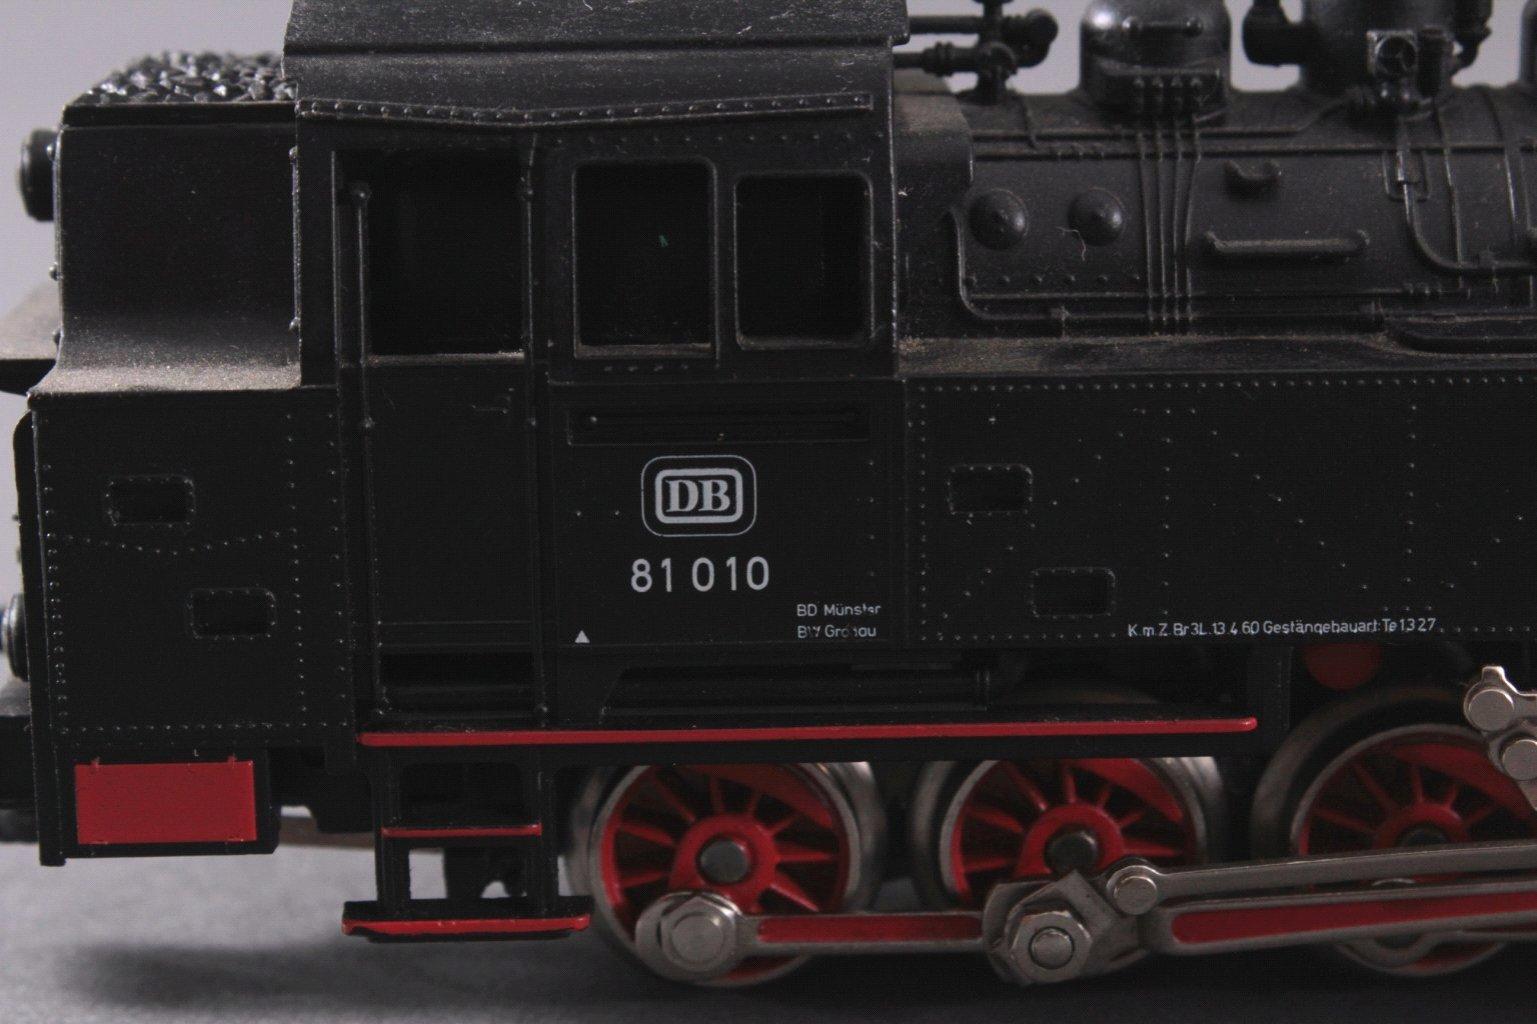 Märklin H0 3032 Dampf-Lok Baureihe 81 010 DB in schwarz mit-2